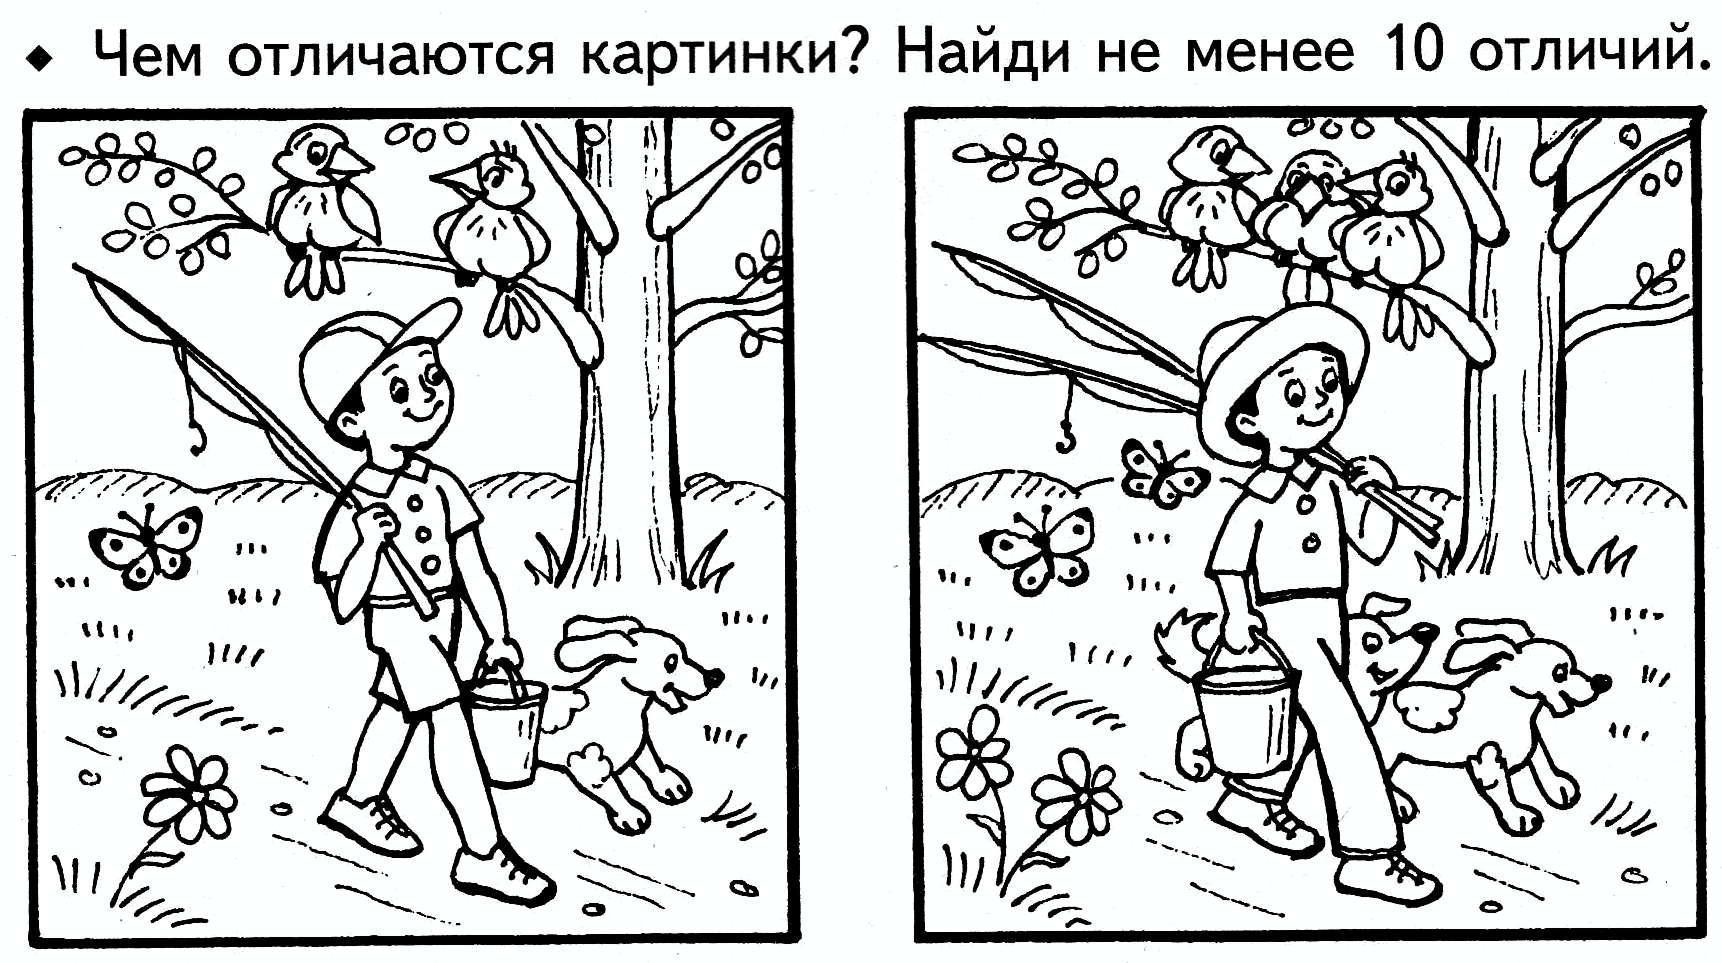 них игры найди отличия на двух картинках хрупкая девушка